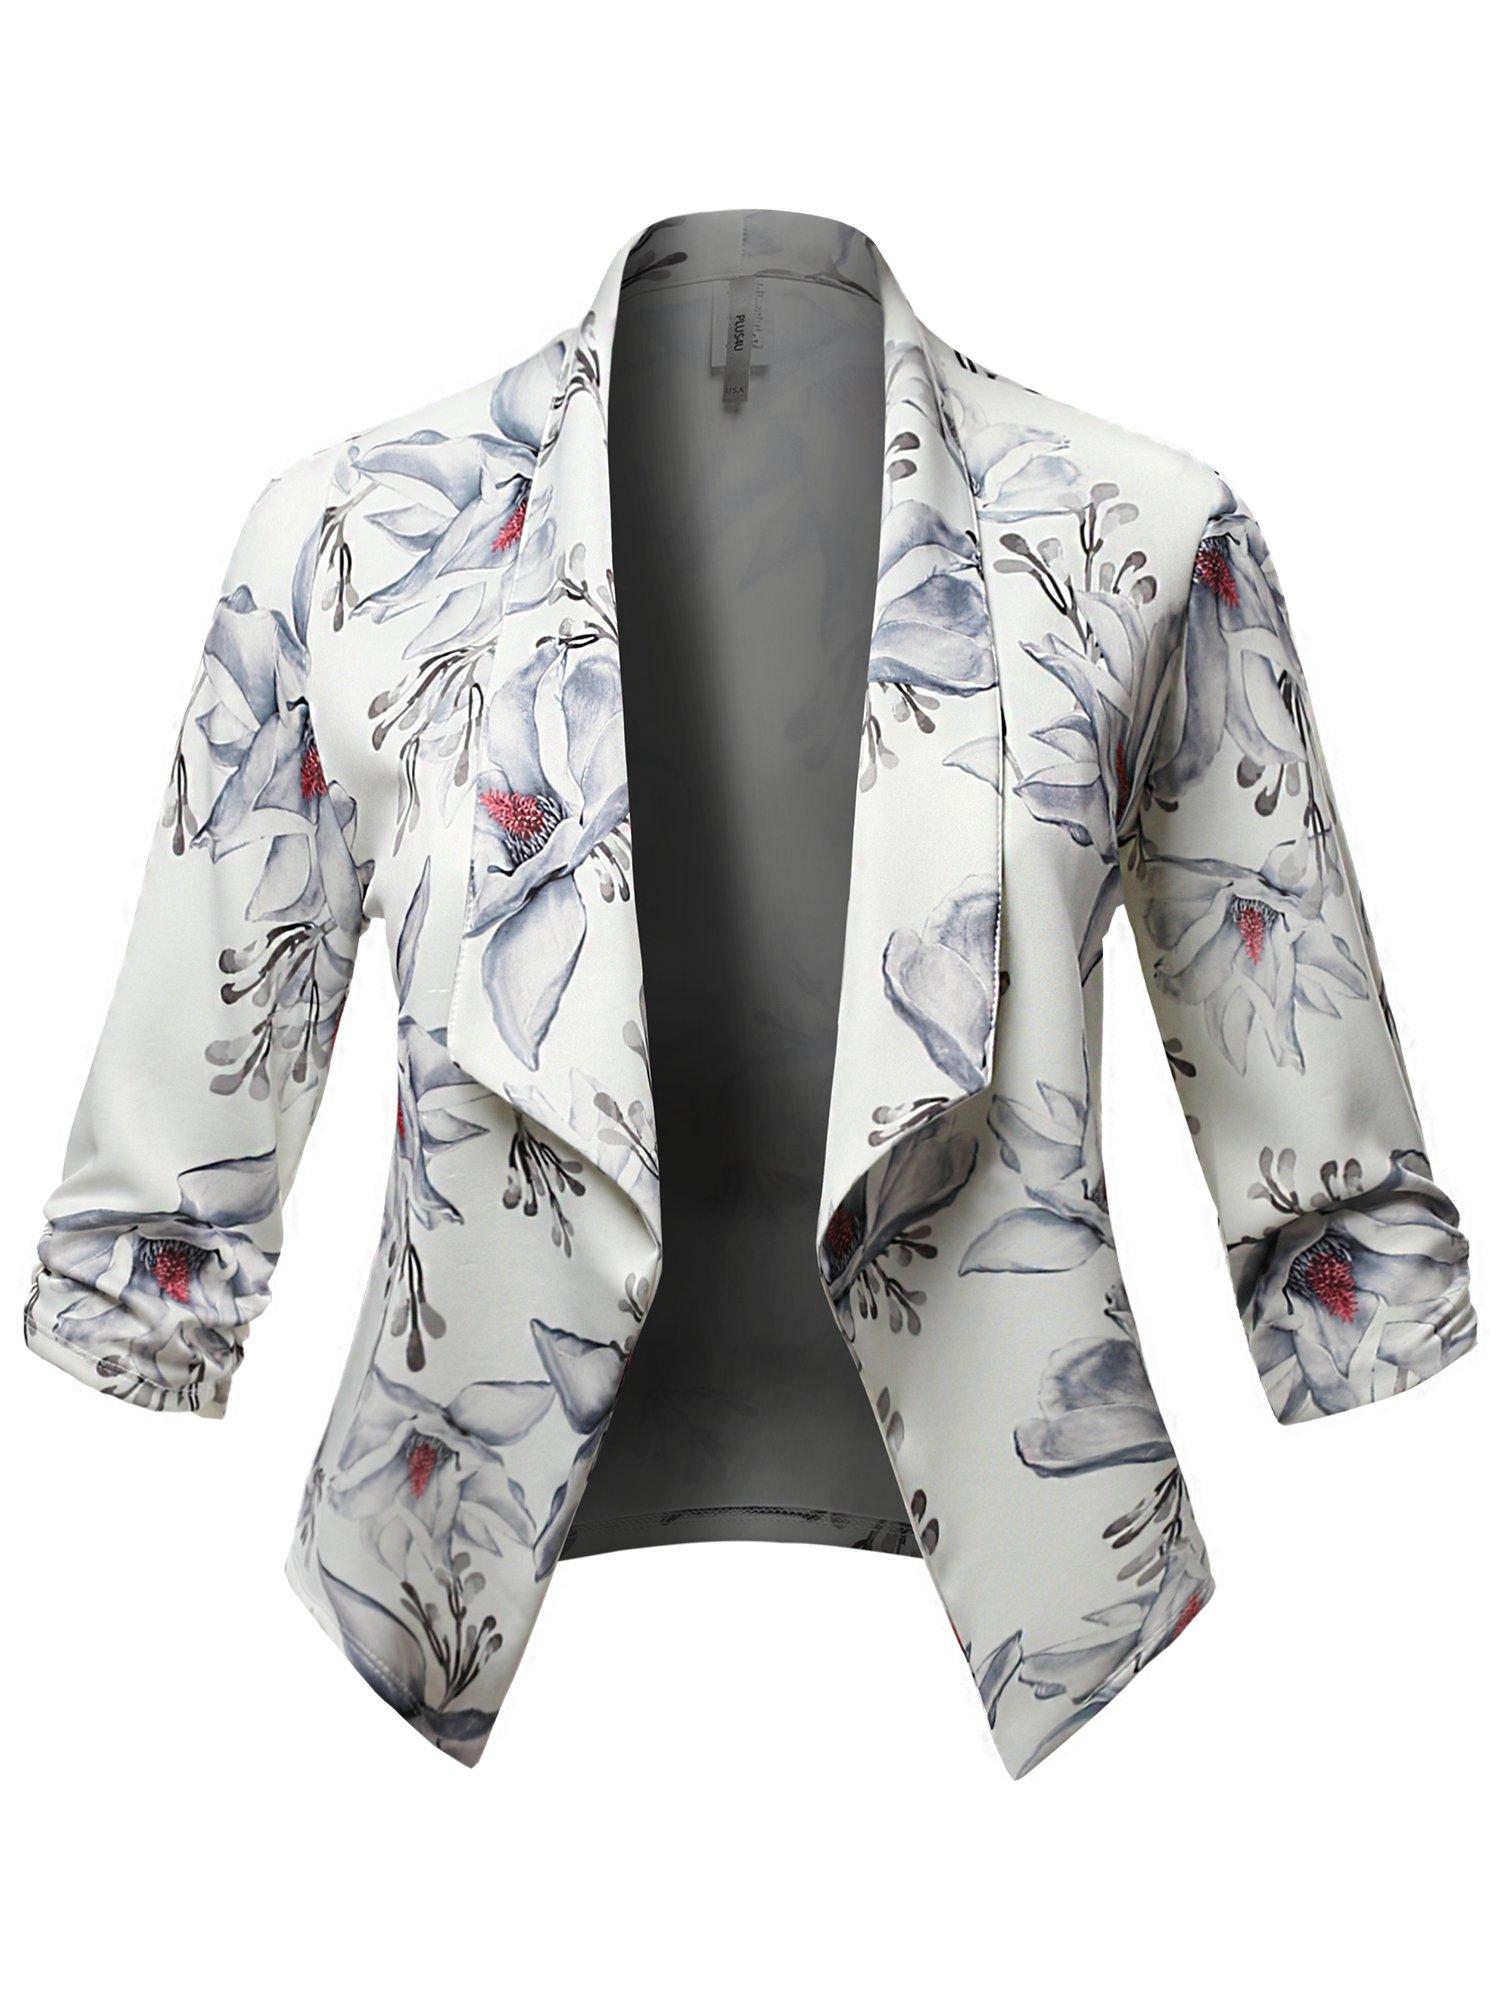 Plus4u Stretch Design Printed 3/4 Shirring Sleeve Open Blazer [1XL-3XL] White Grey 3XL